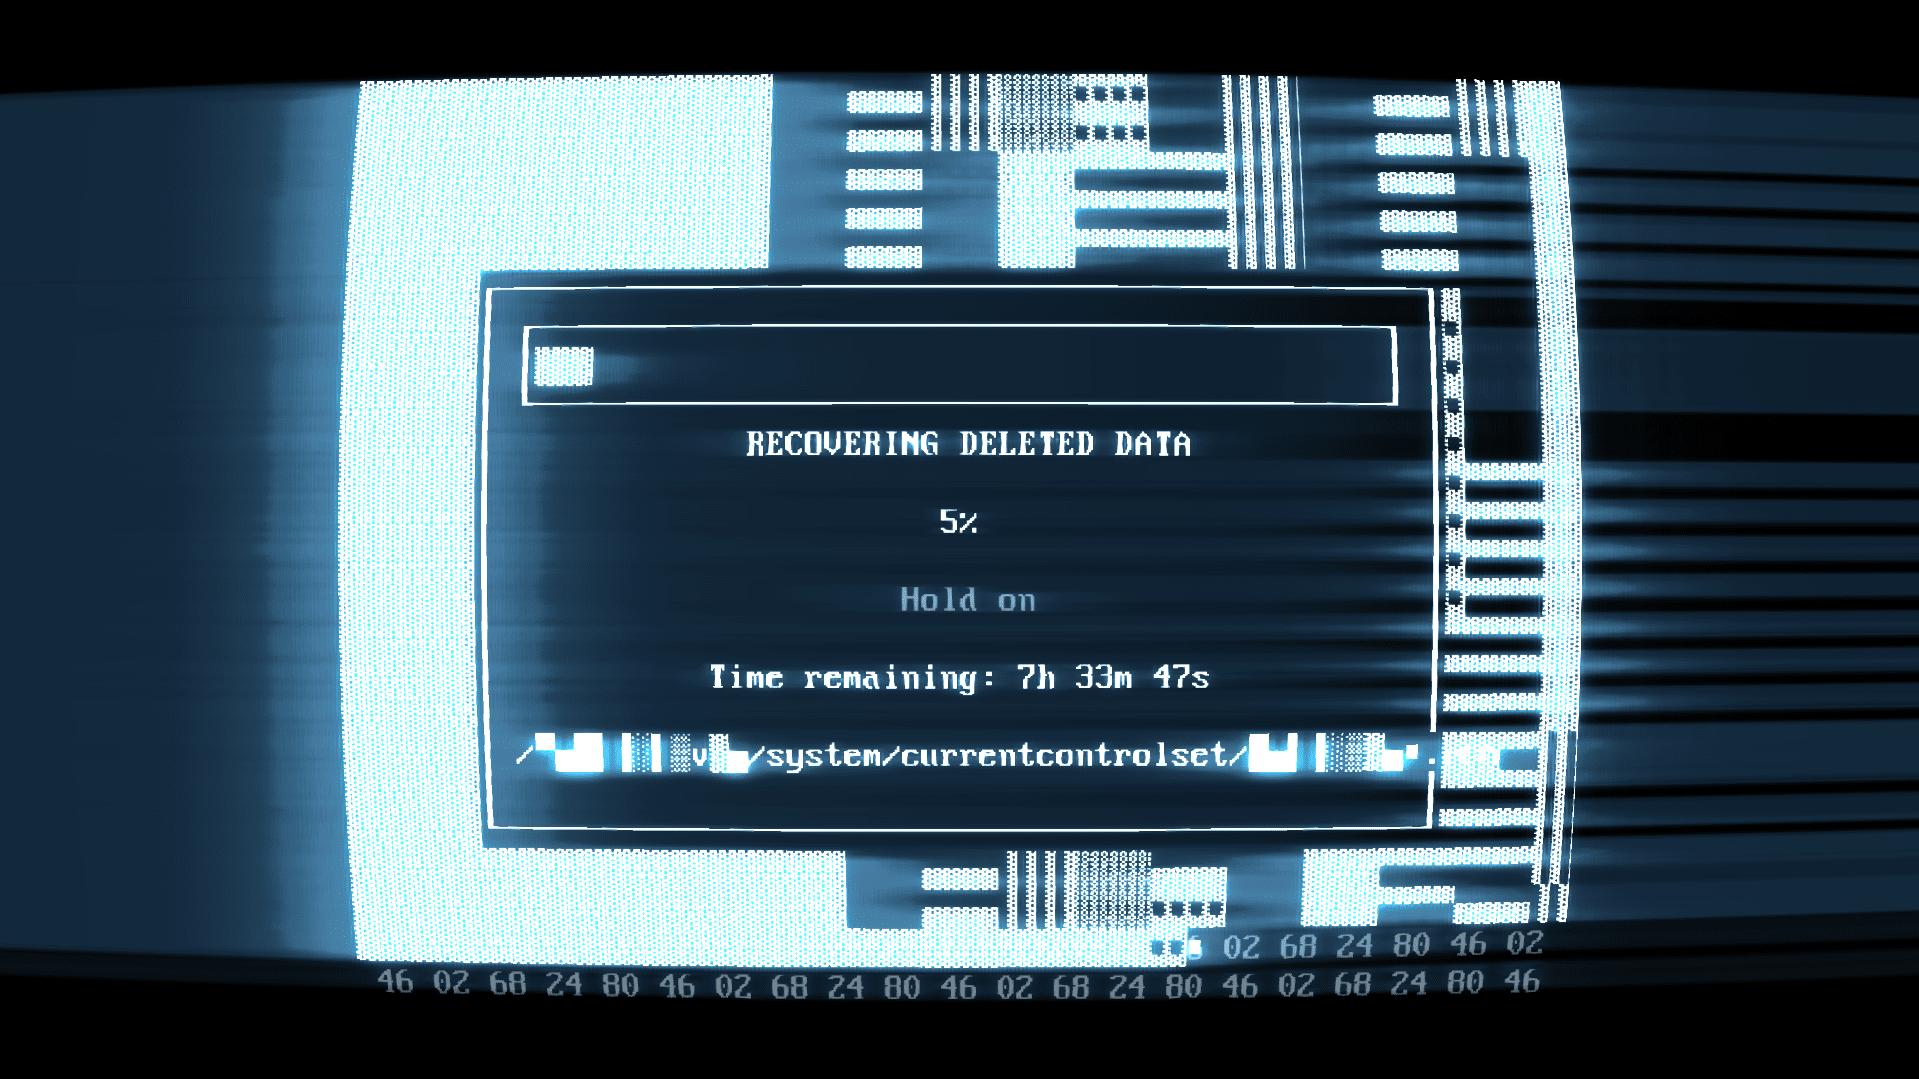 recuperar la pantalla de datos eliminados en el control mental supercaliente eliminar